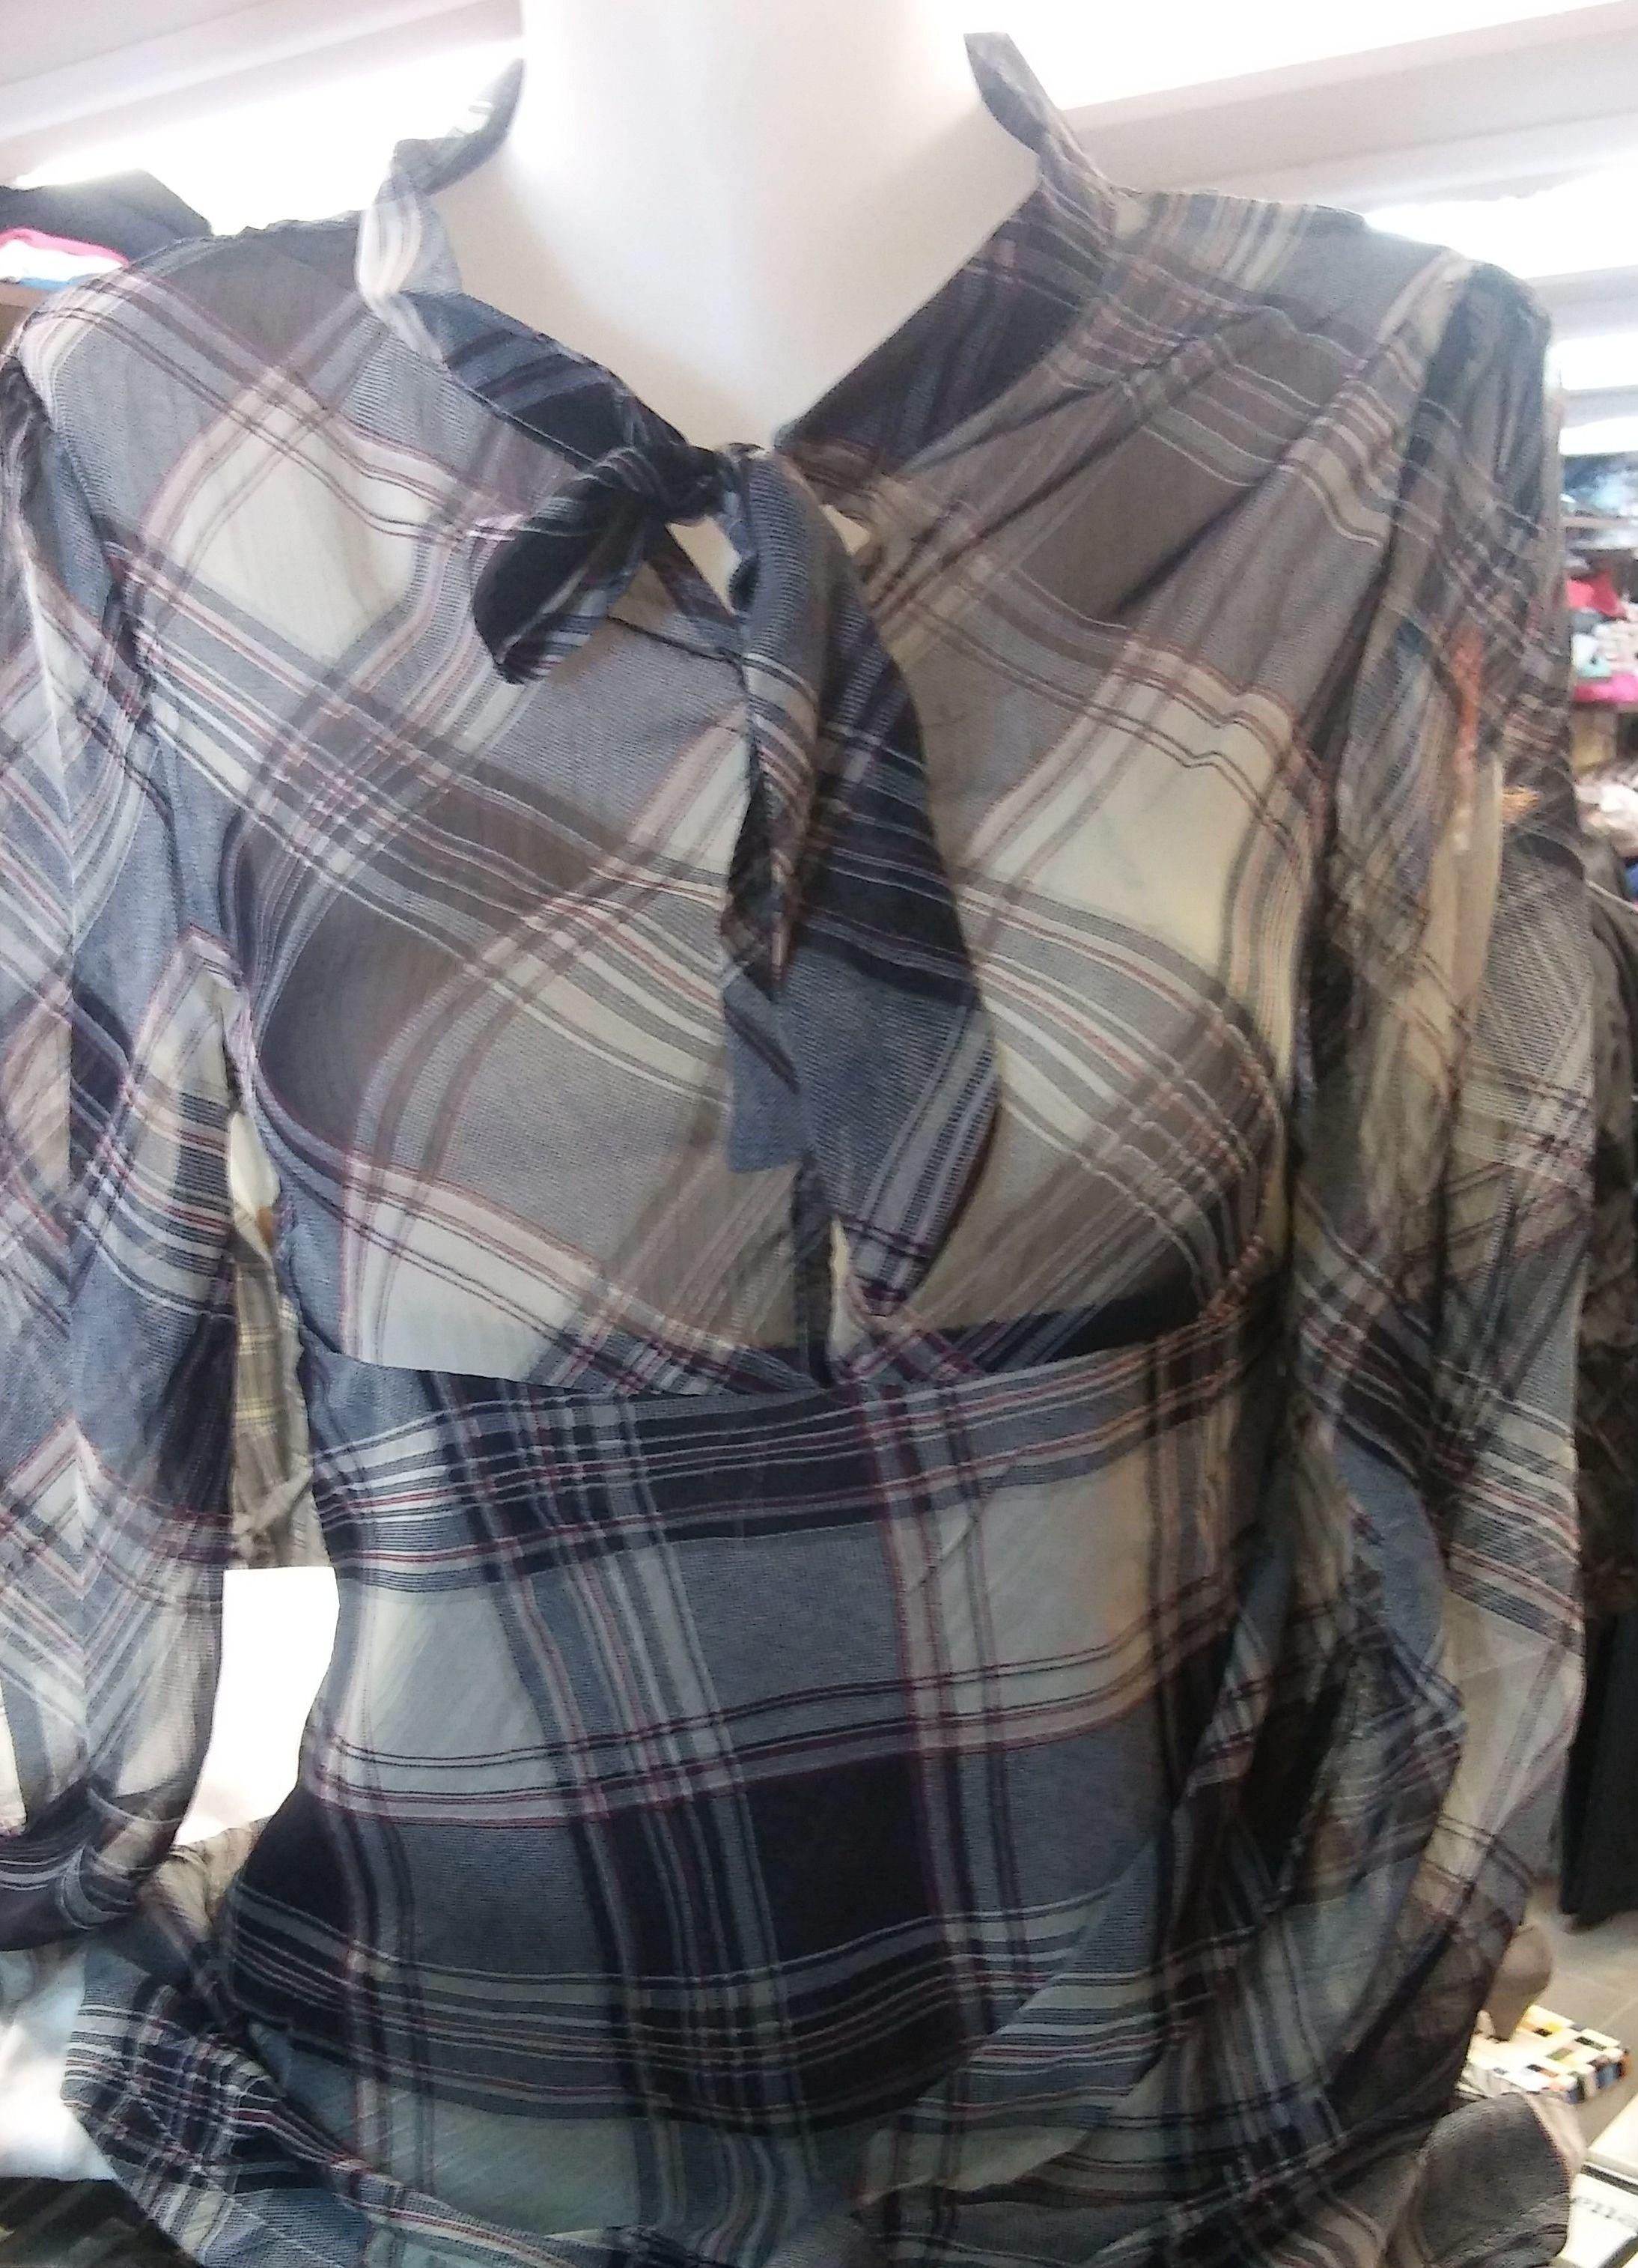 blusa cuadros : Productos de As Tuas Cousas